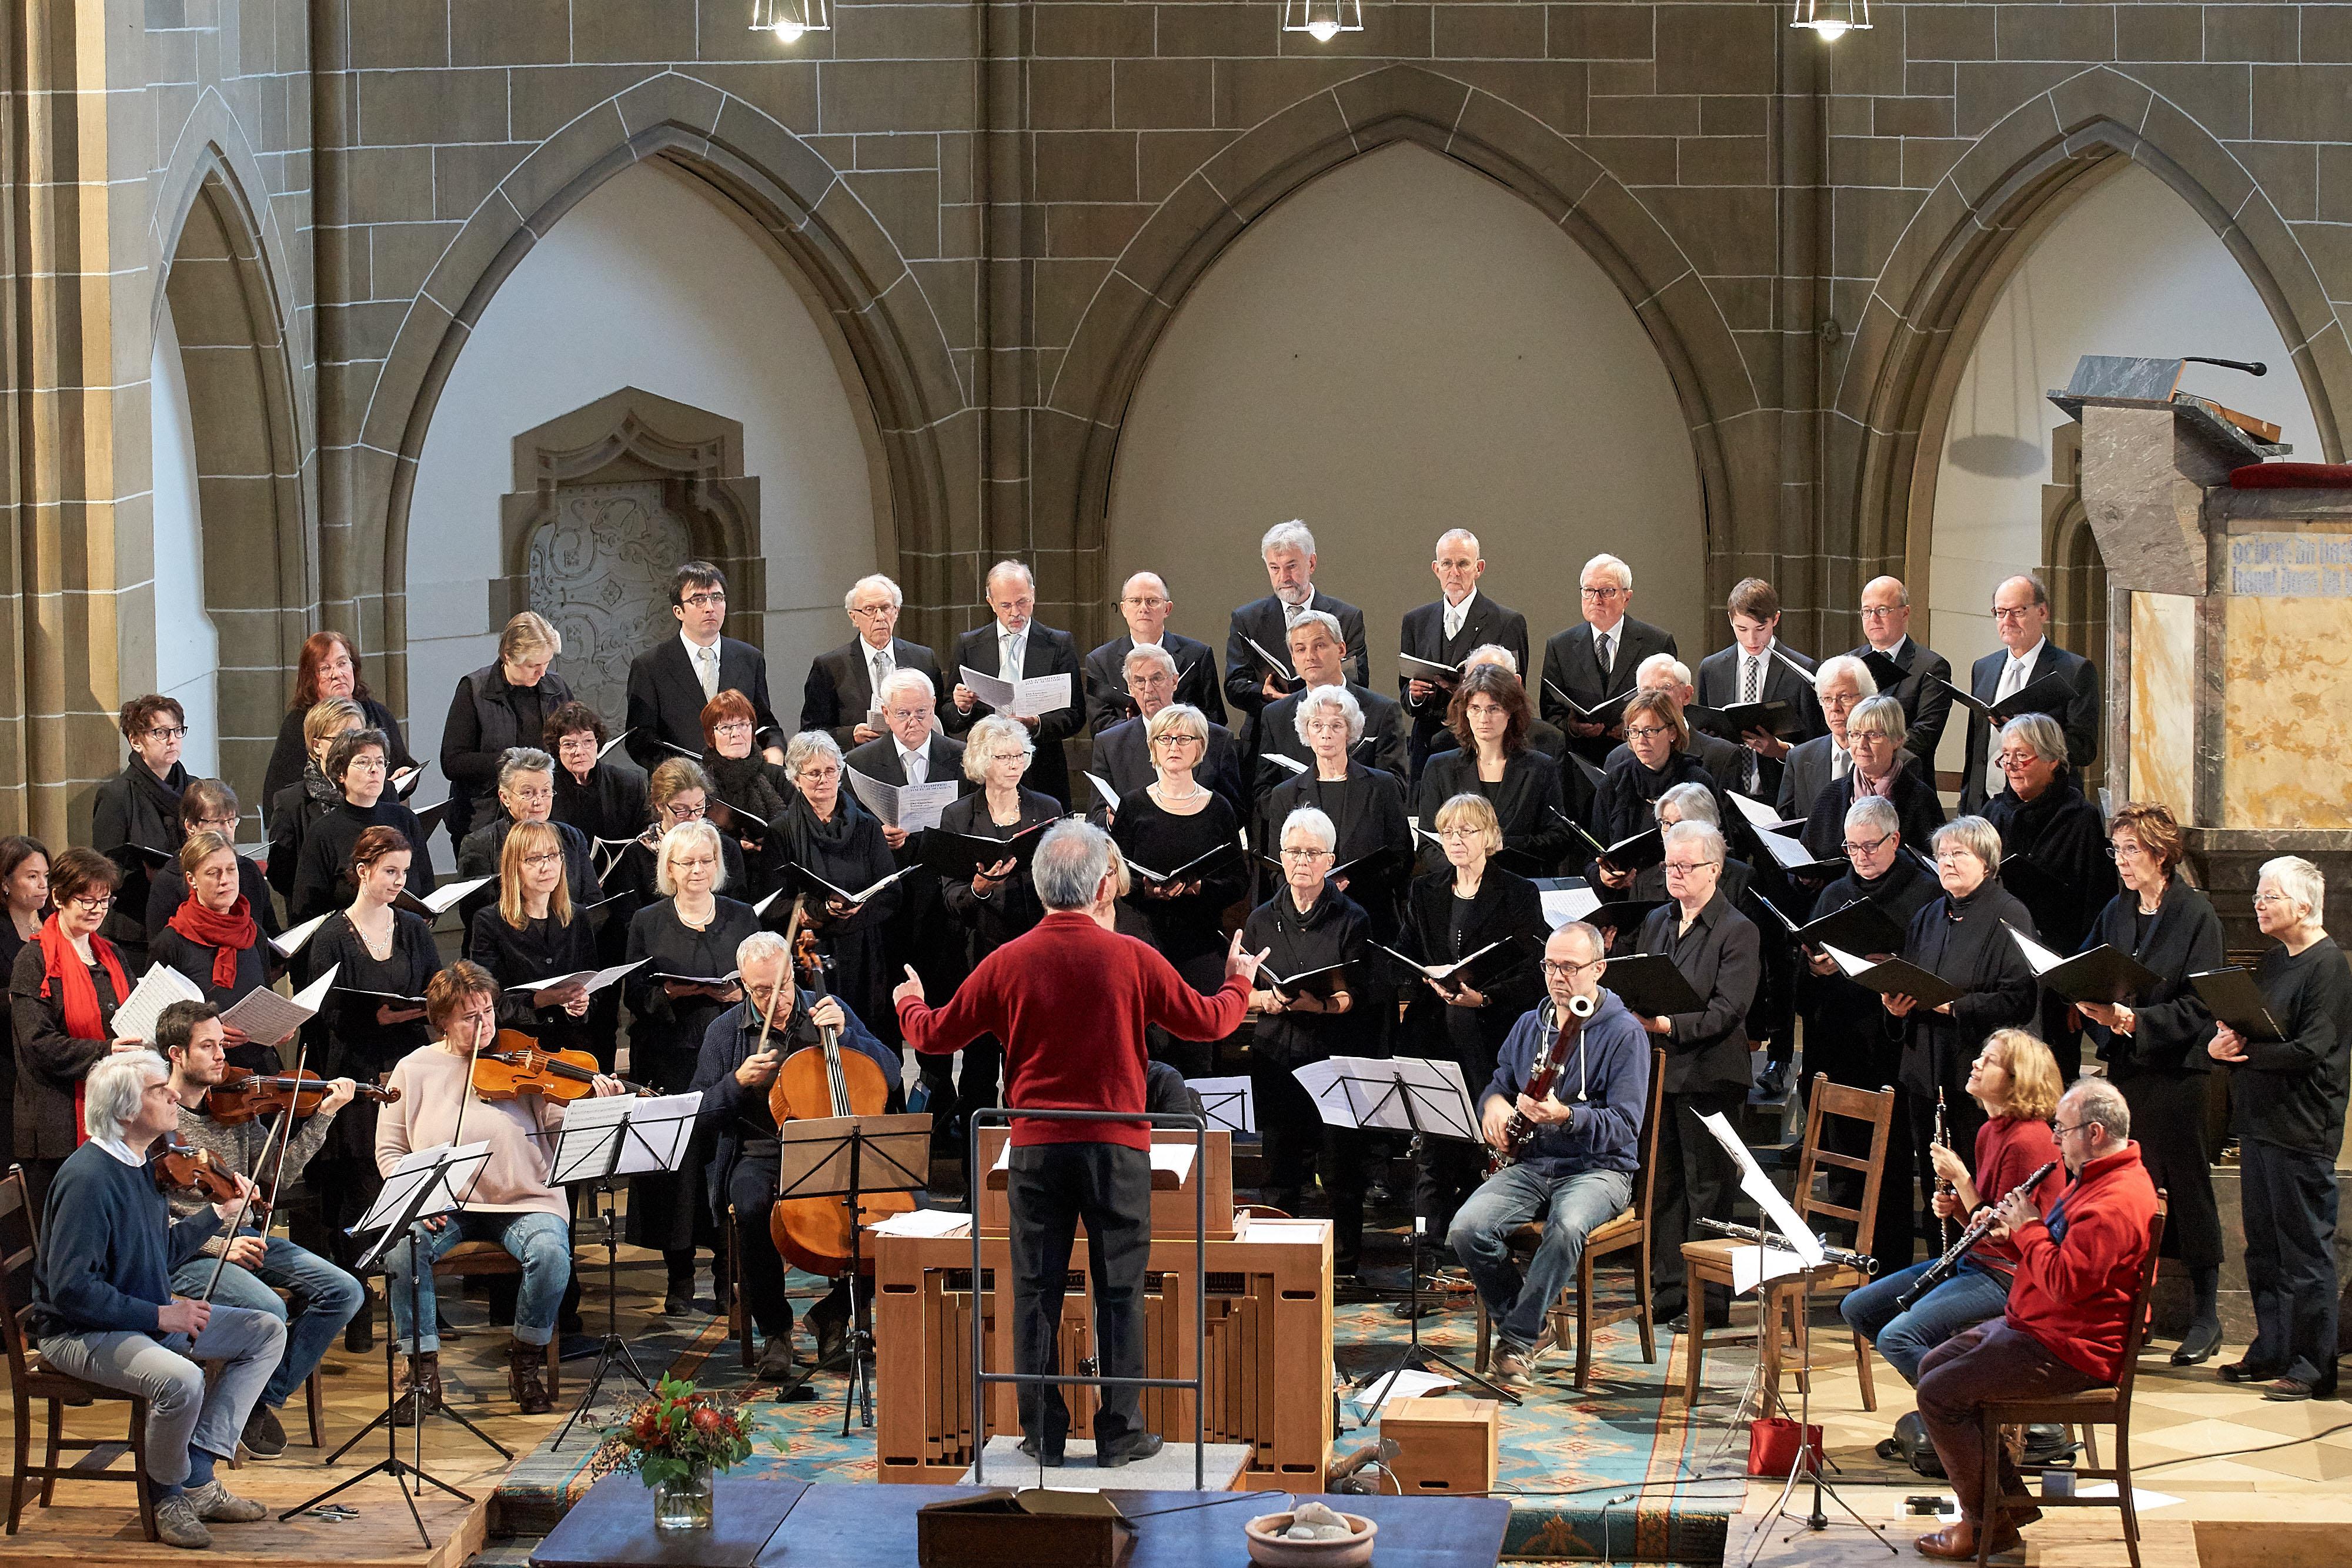 Die Kantorei der  Christuskirche Detmold  feiert ihr siebzigjähriges Bestehen